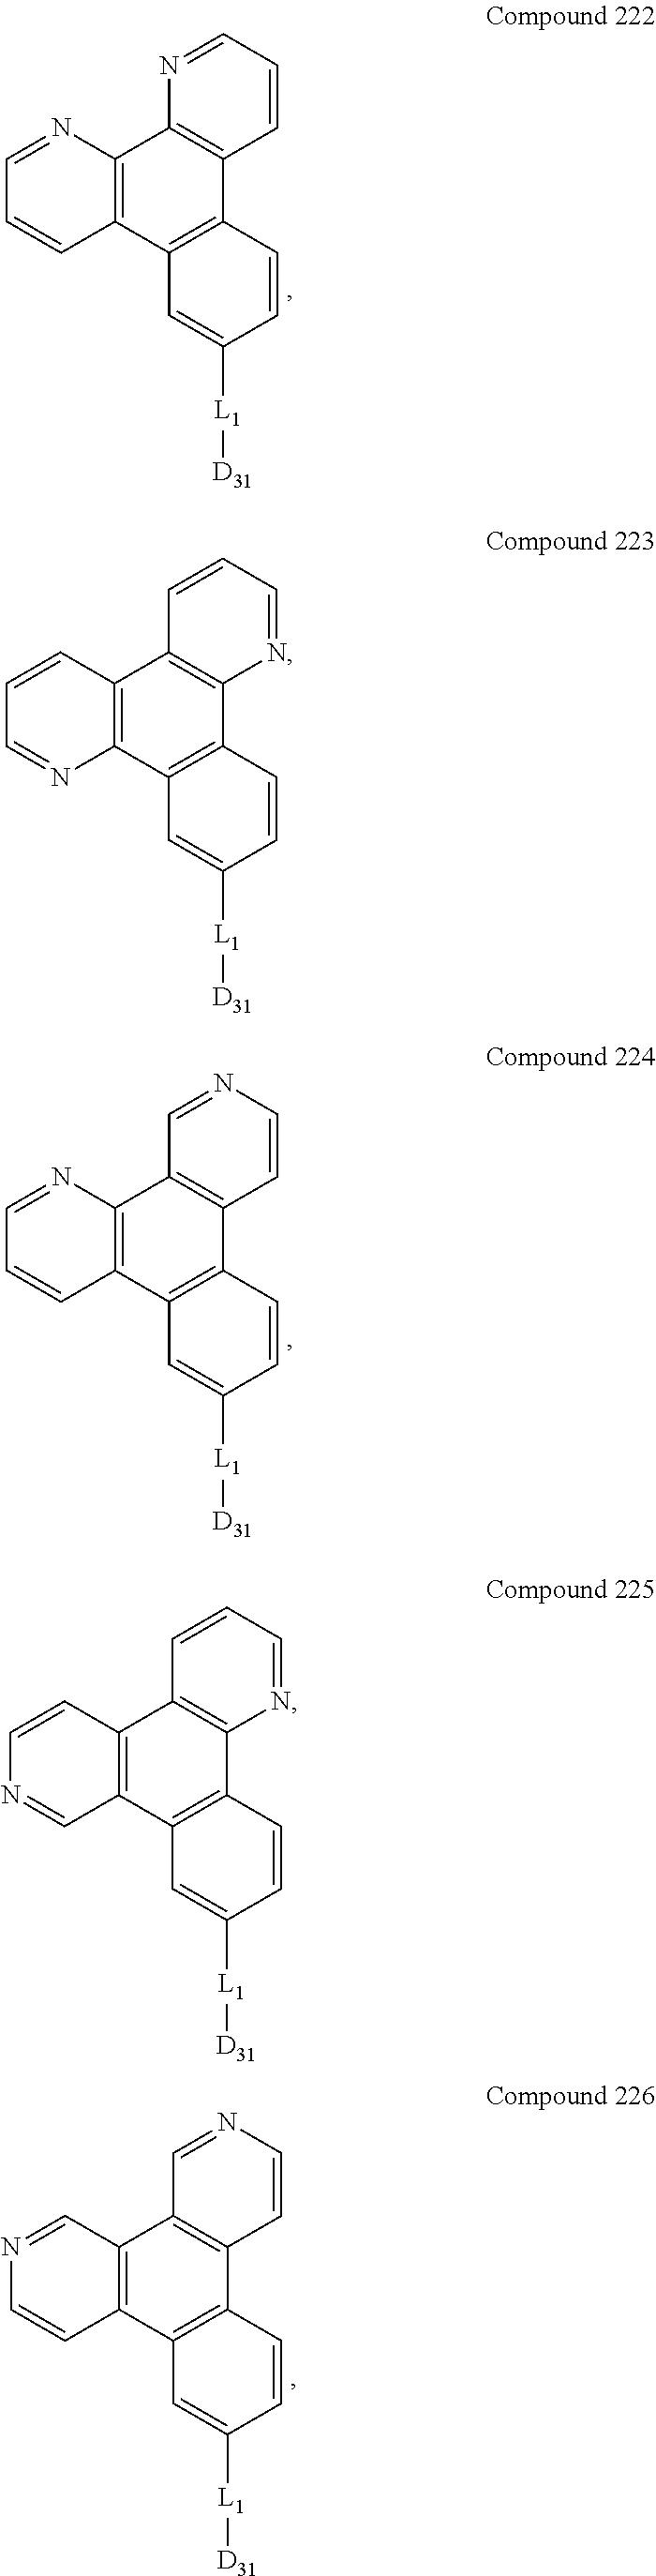 Figure US09537106-20170103-C00201